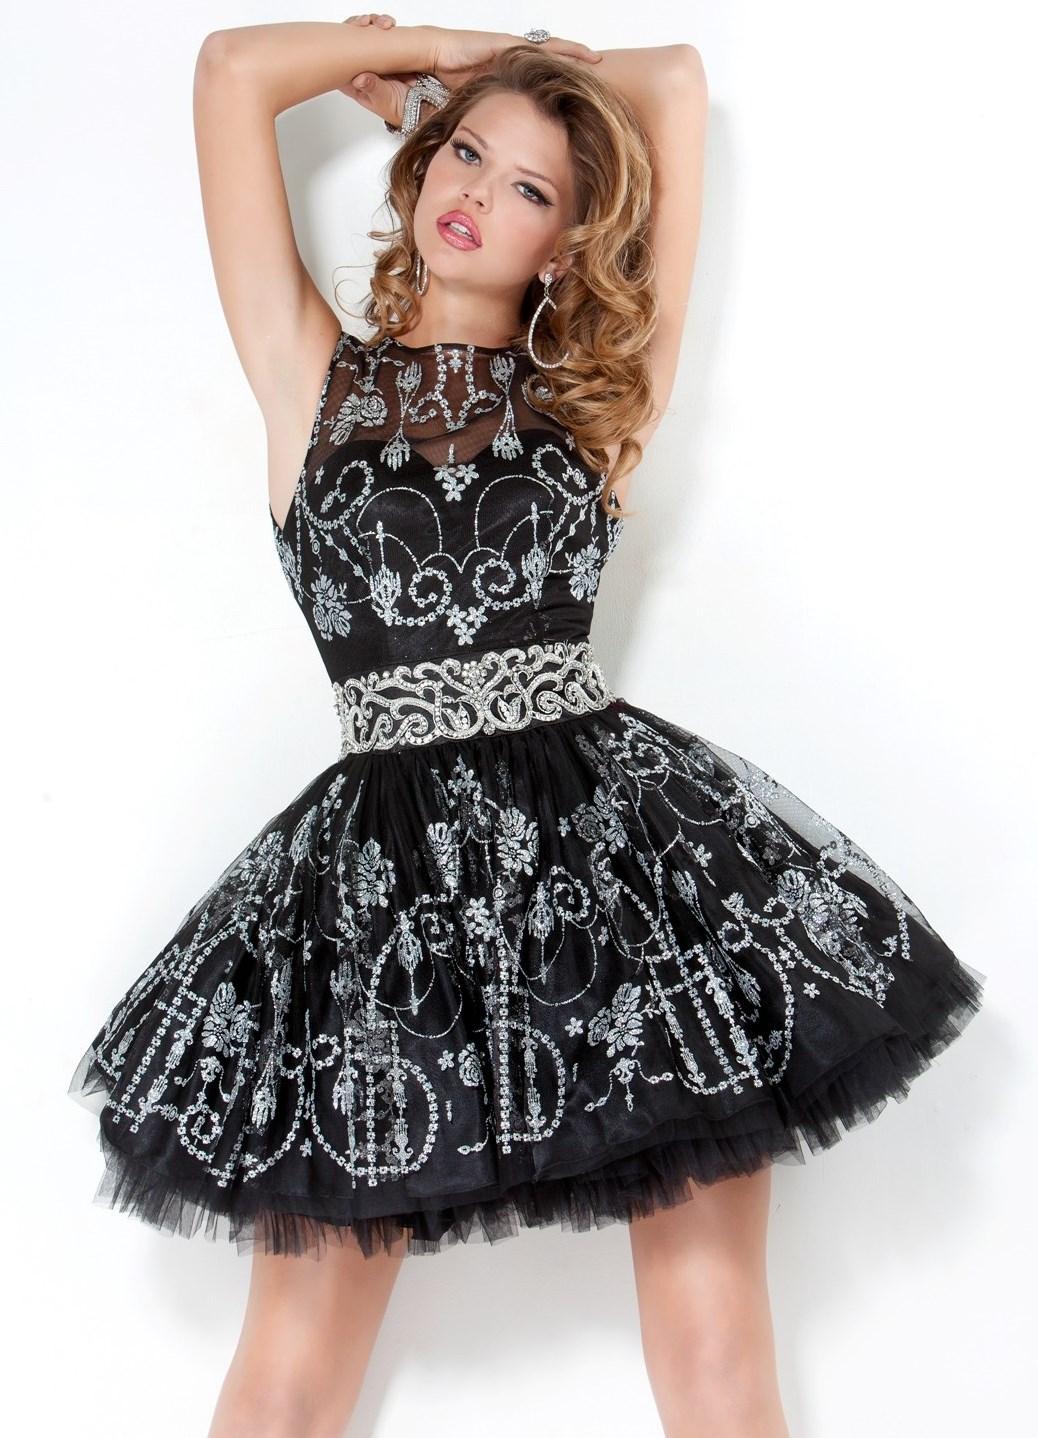 Обувь для черного пышного платья